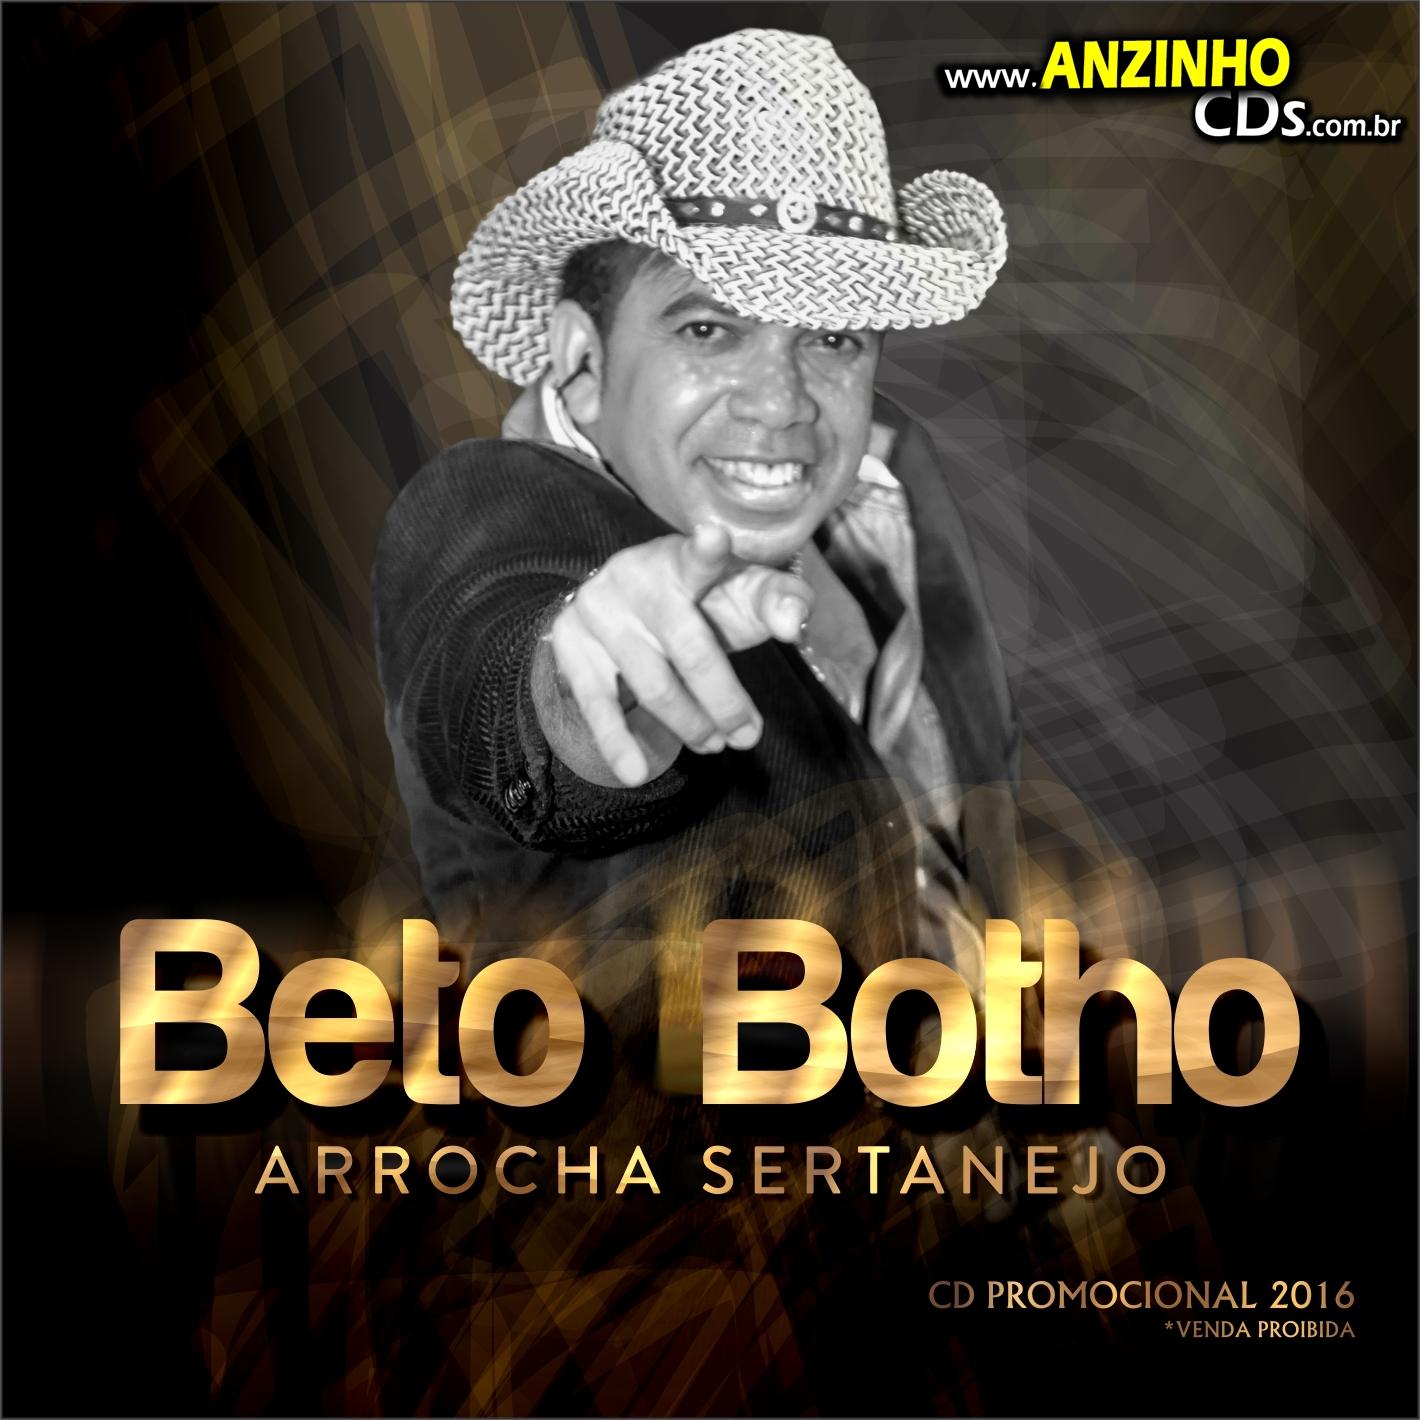 PABLO CD ARROCHA NOVO 2014 DO DE BAIXAR O